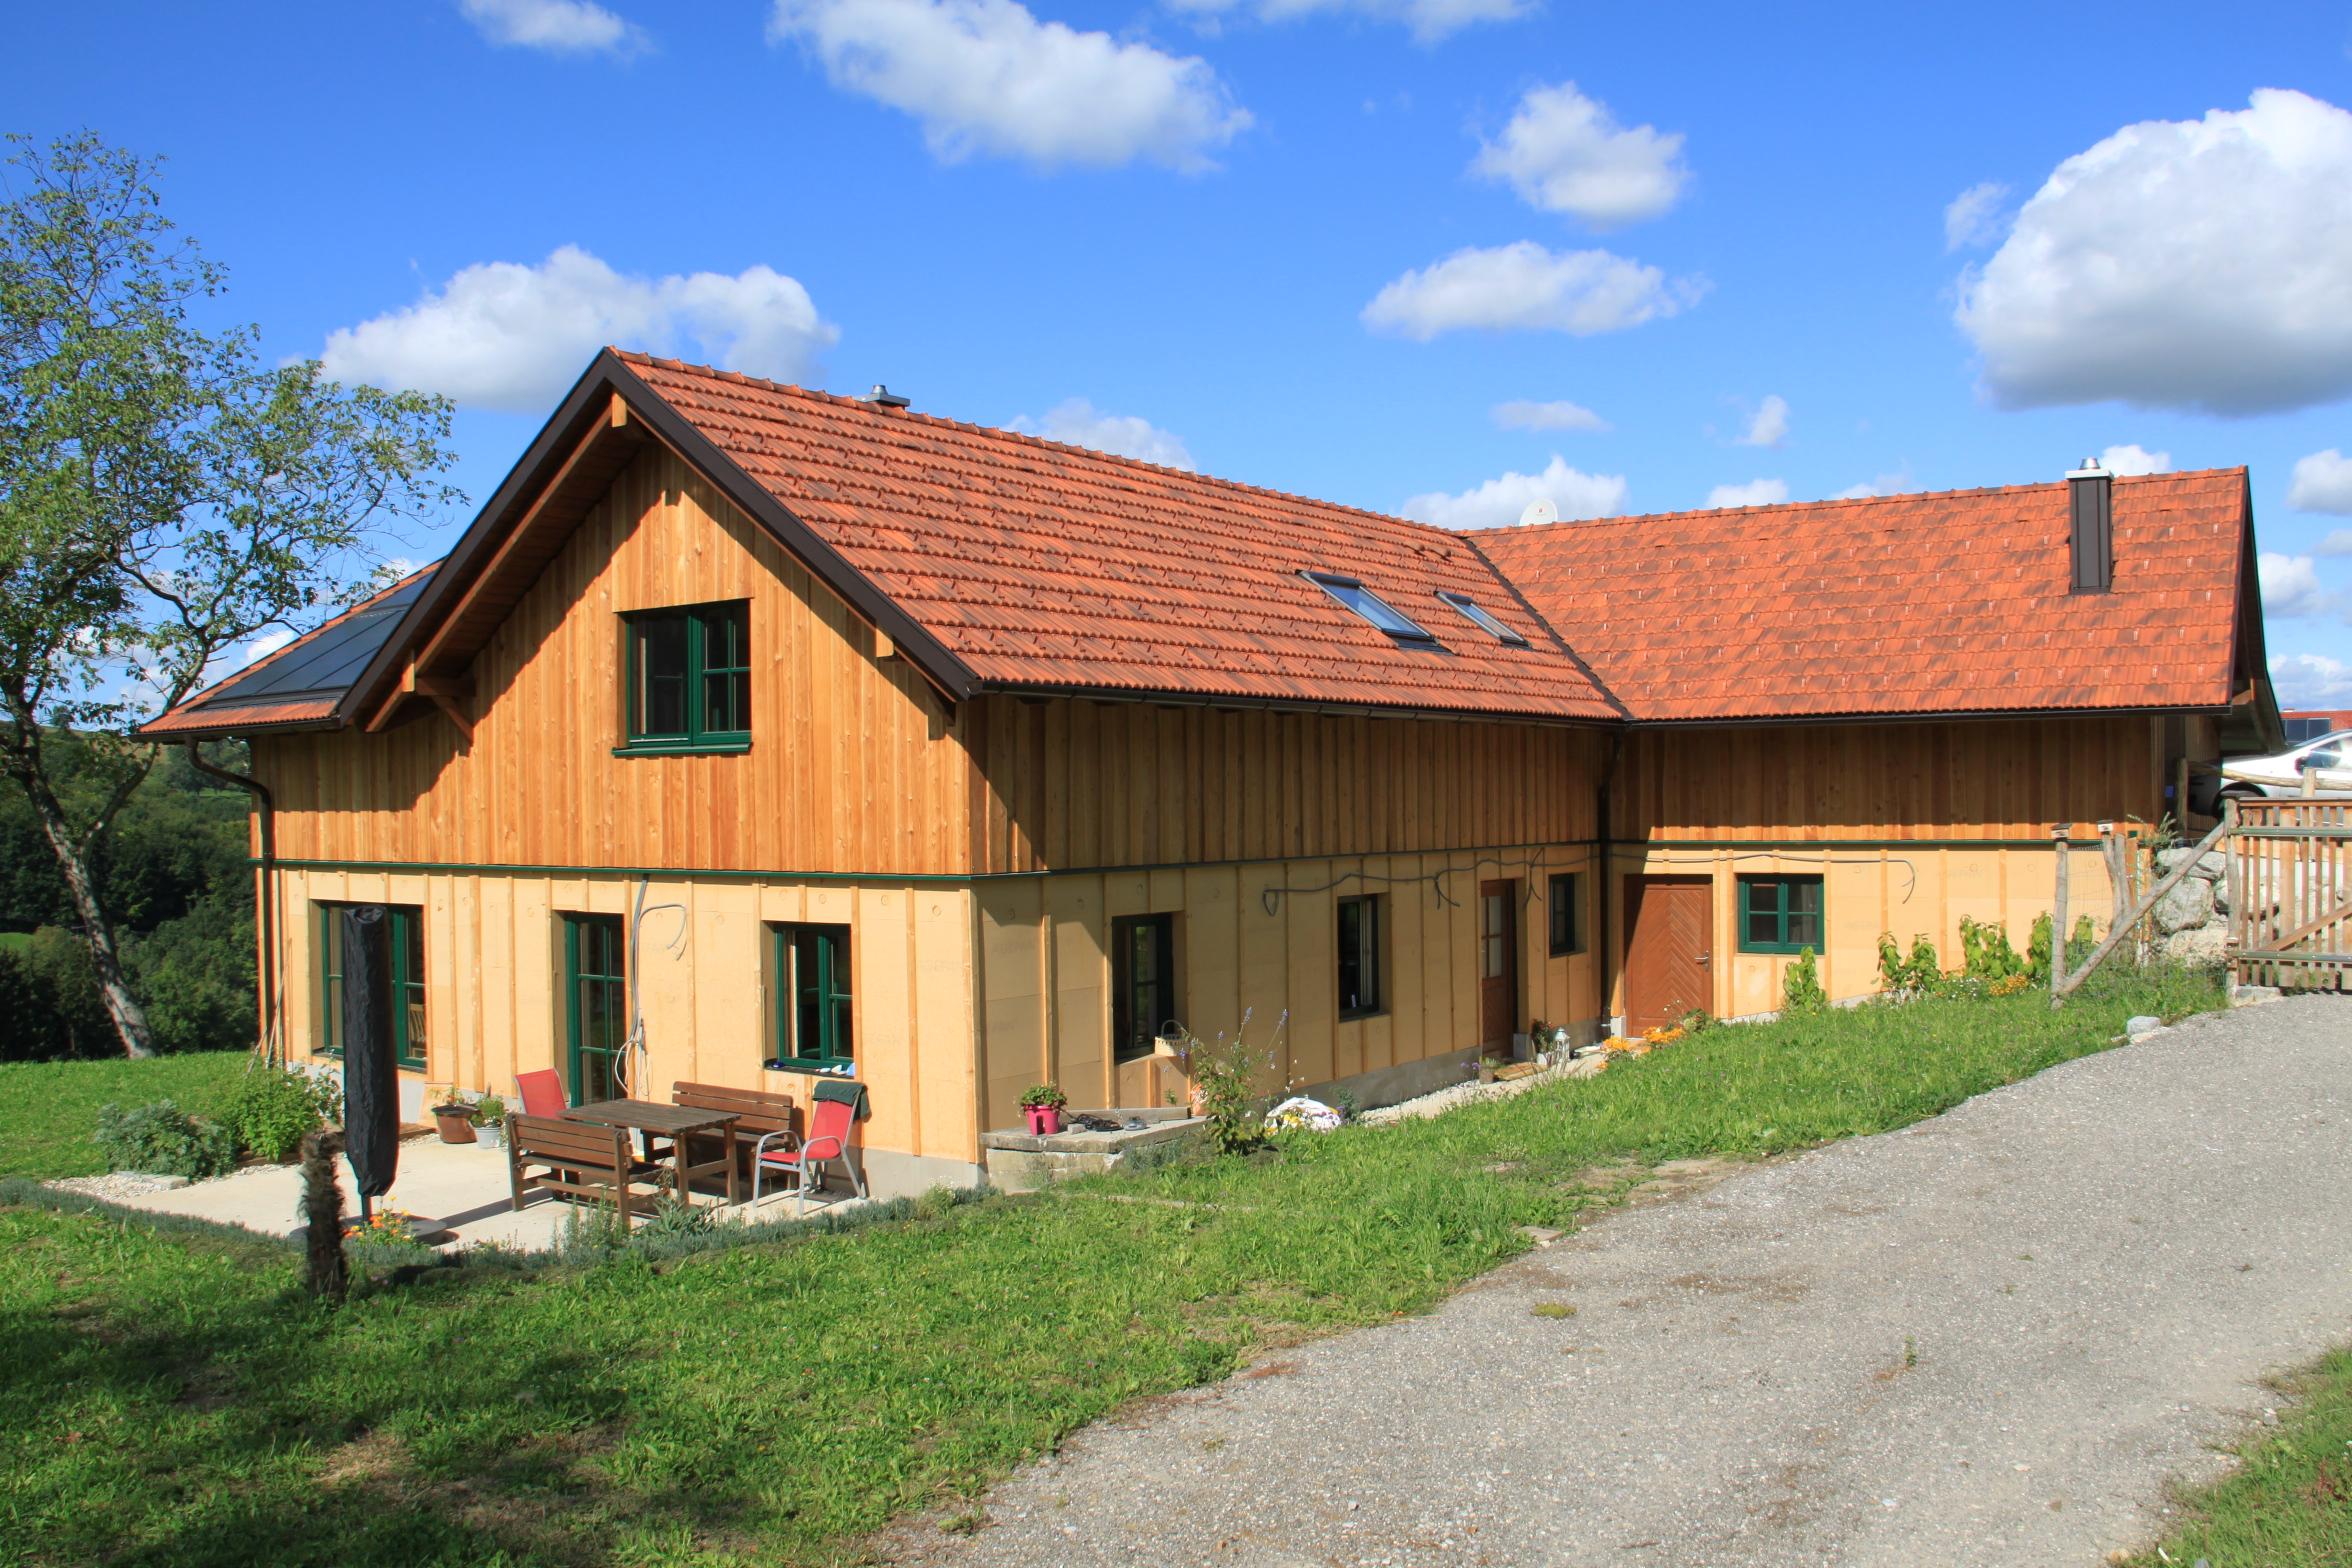 http://www.der-bauberater.at/wp-content/uploads/2017/10/Renovierung_Zubau_05.jpg